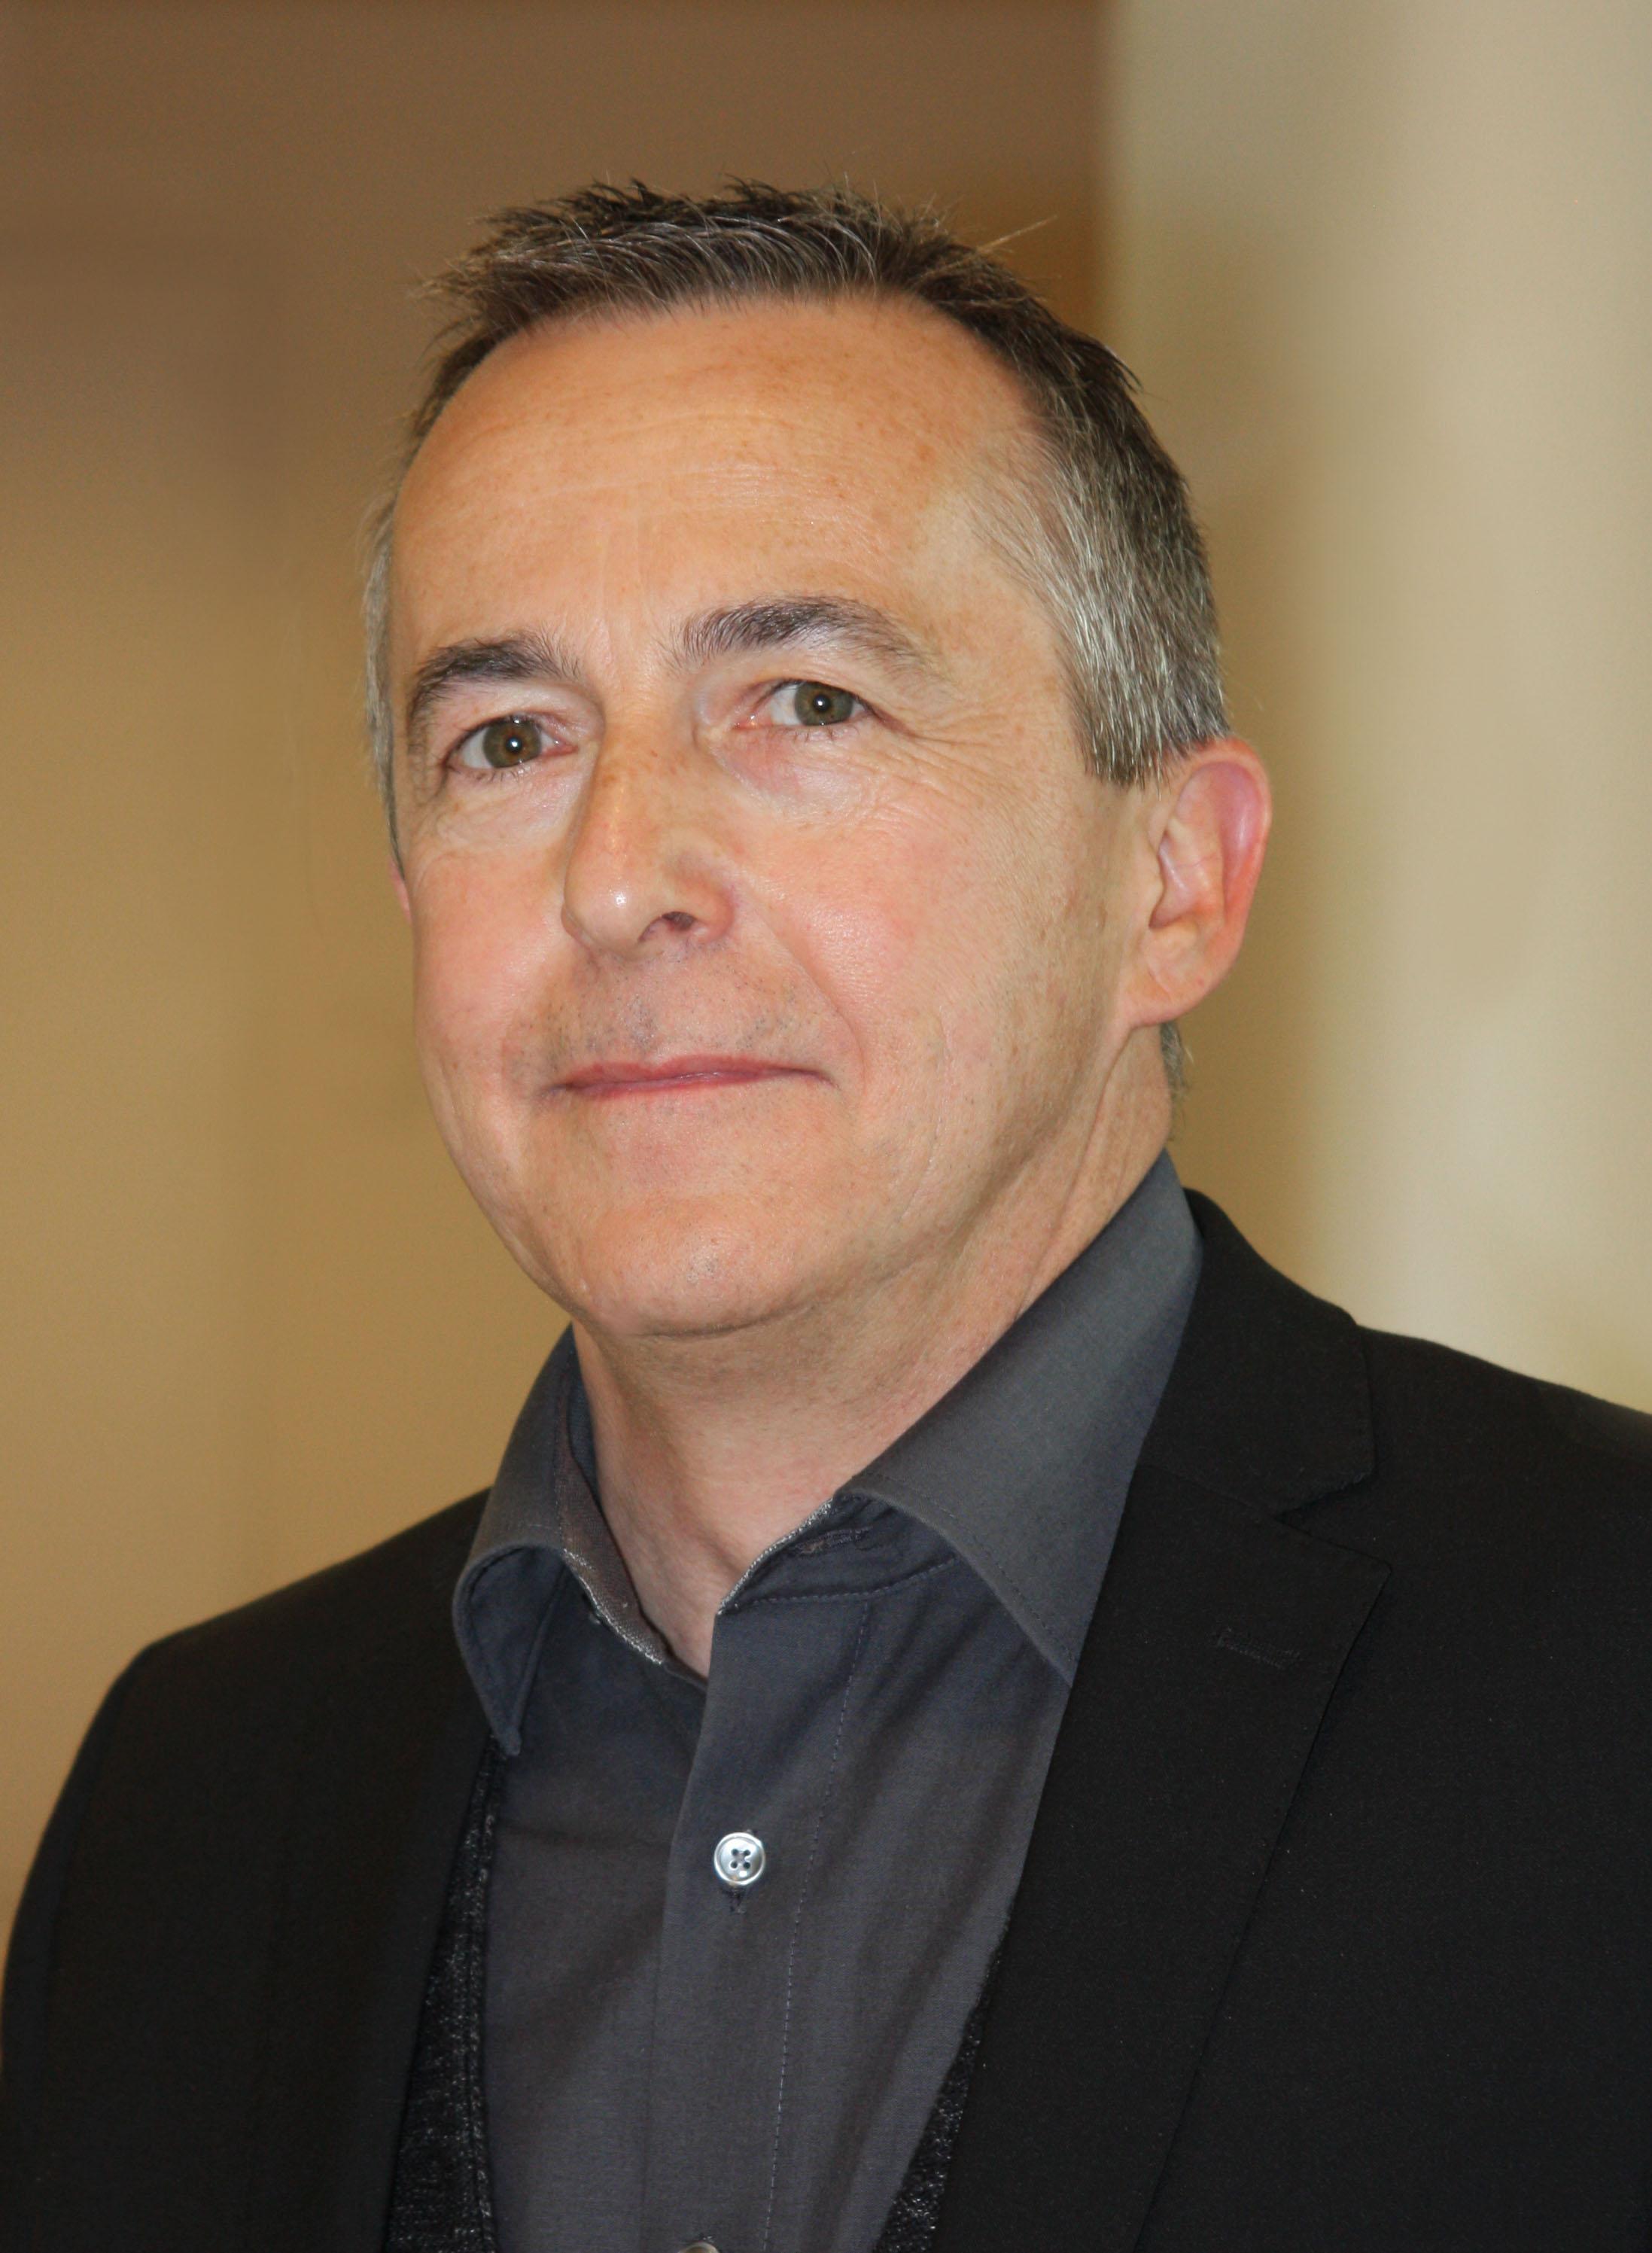 Andreas Dannewald (Filialleiter und zertifizierter Schlaf-Gesund-Coach)